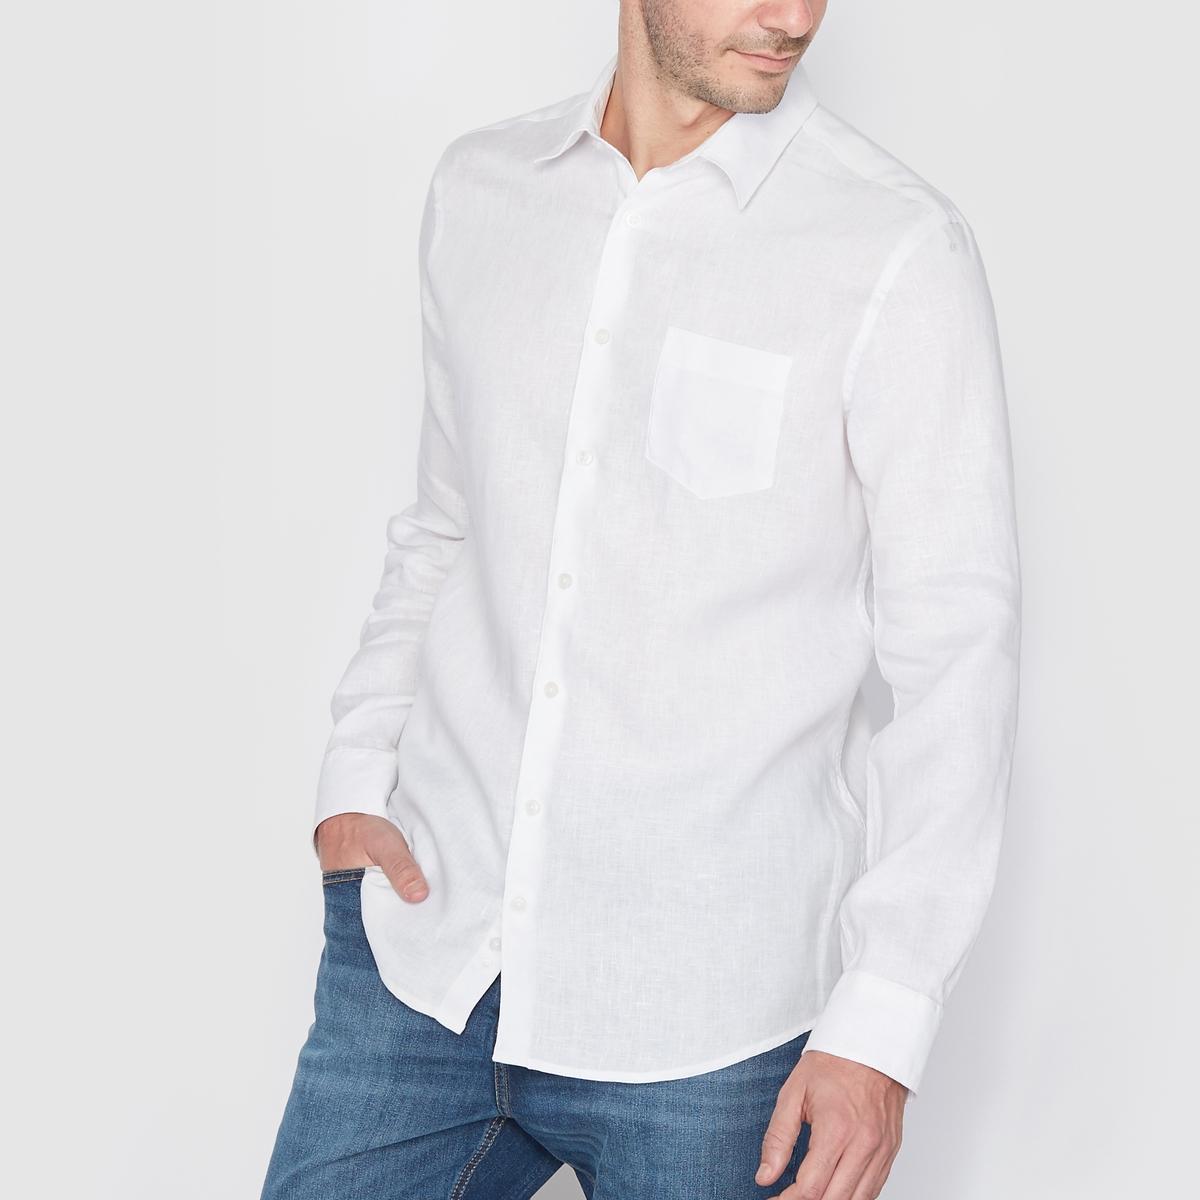 Camisa de mangas compridas, corte direito, 100% linho